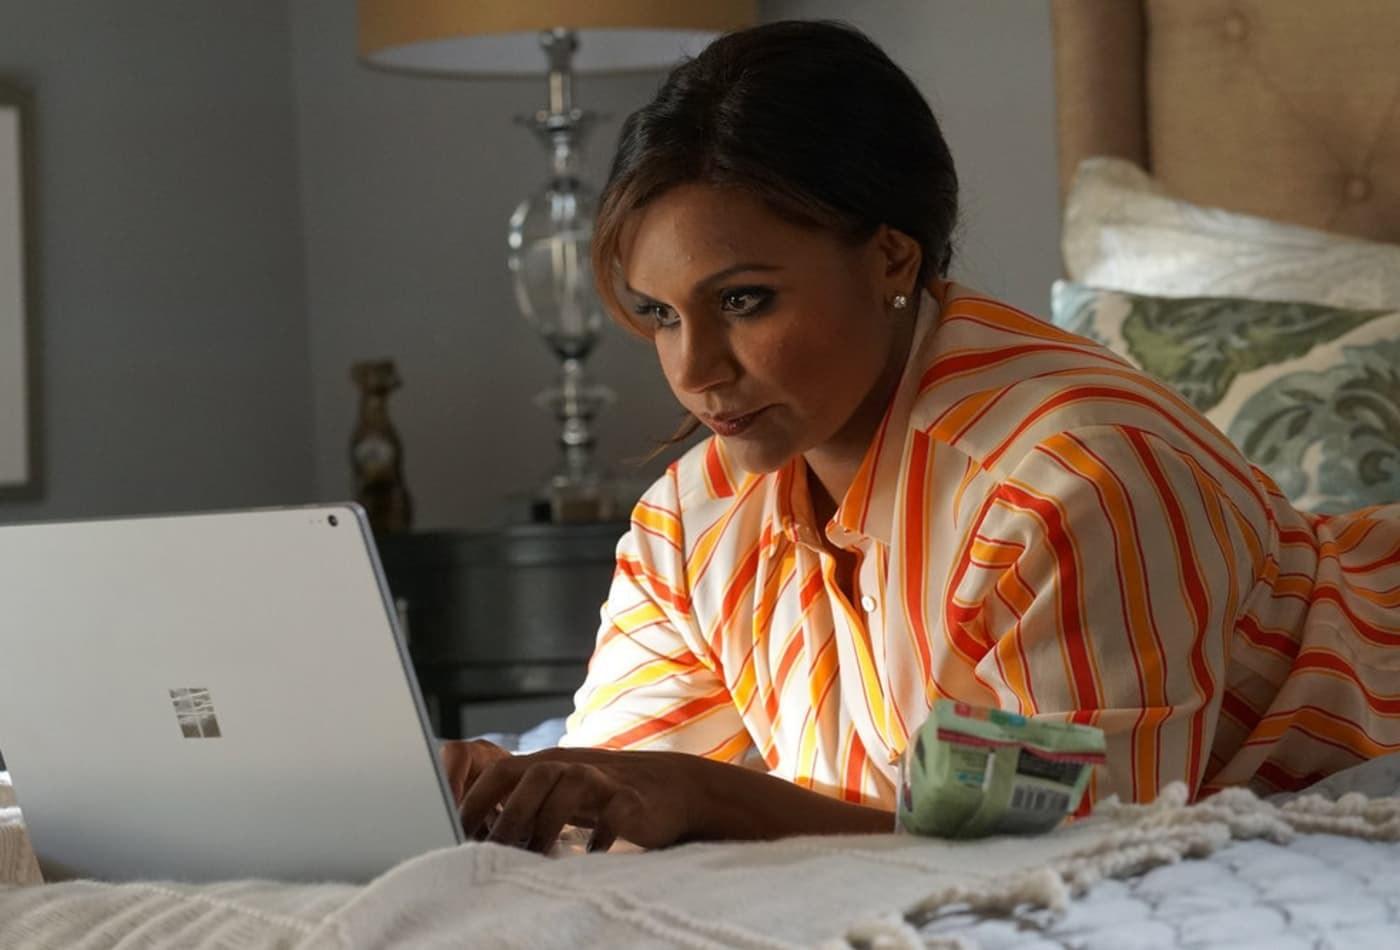 mindy kaling types on a laptop